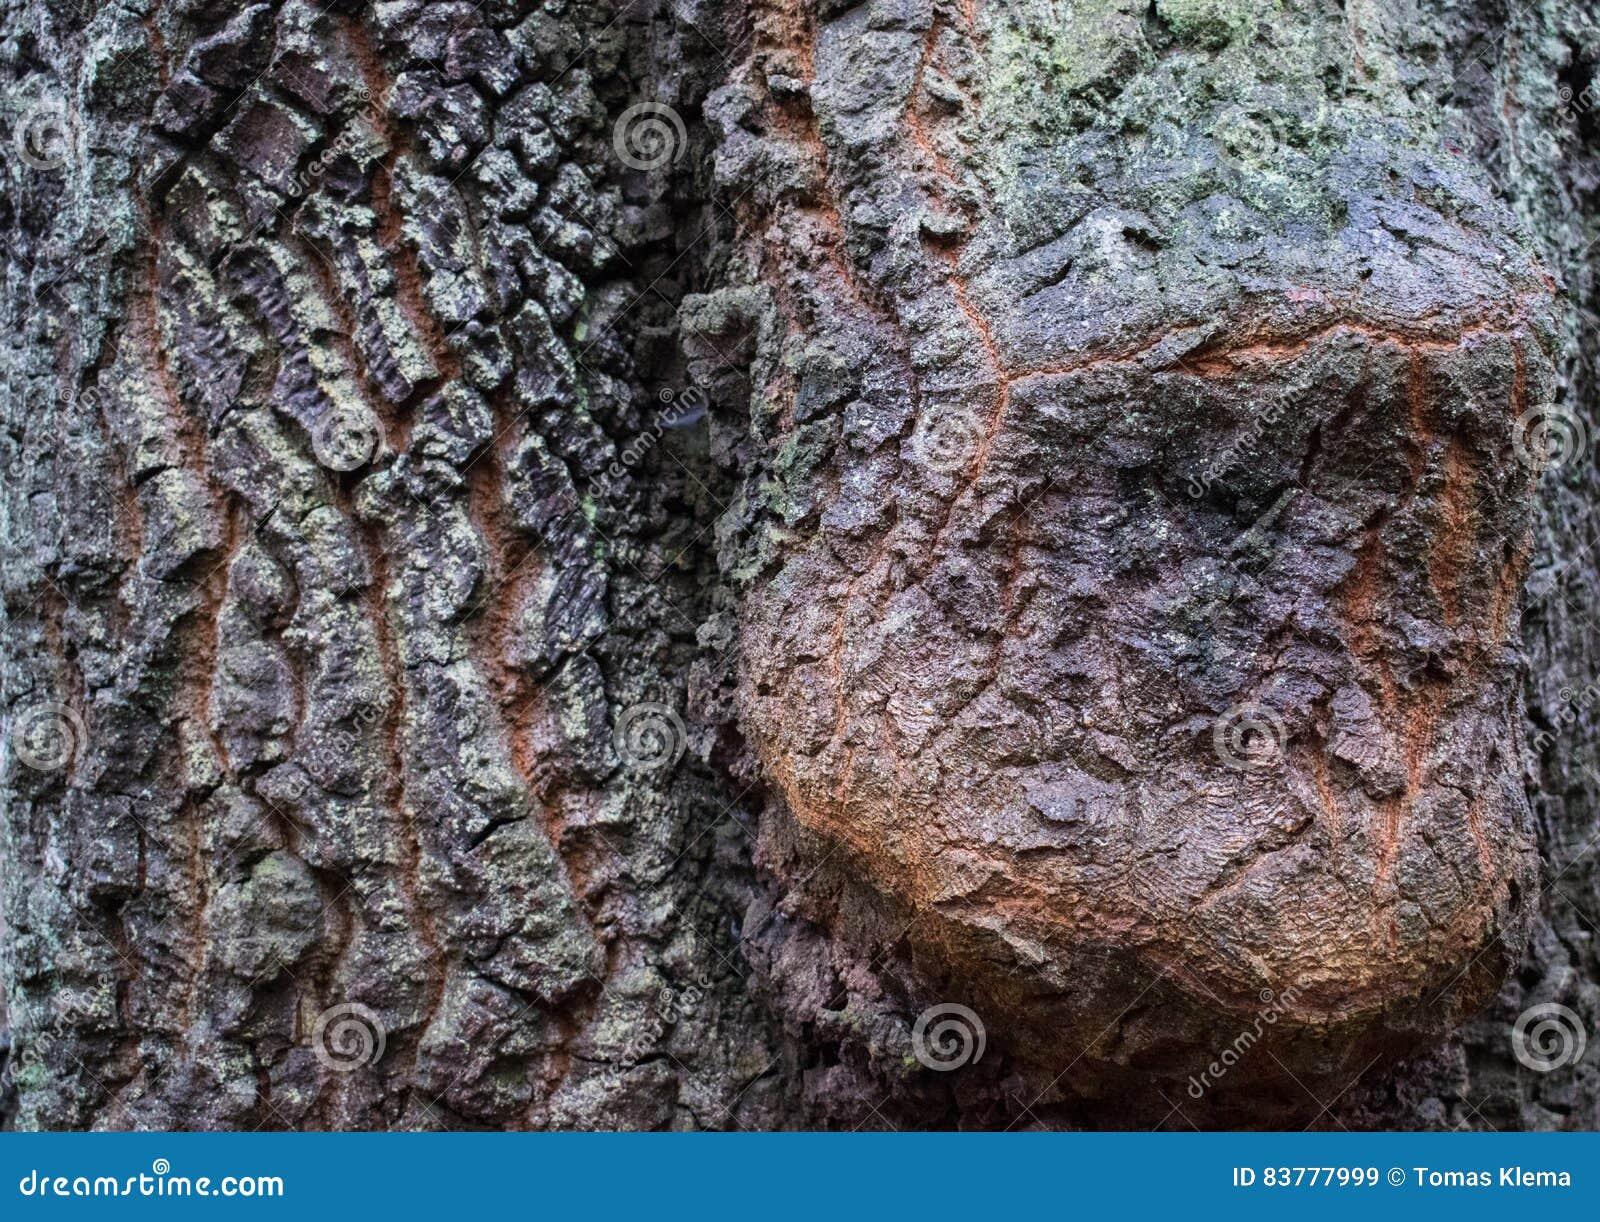 Kruste des Baums